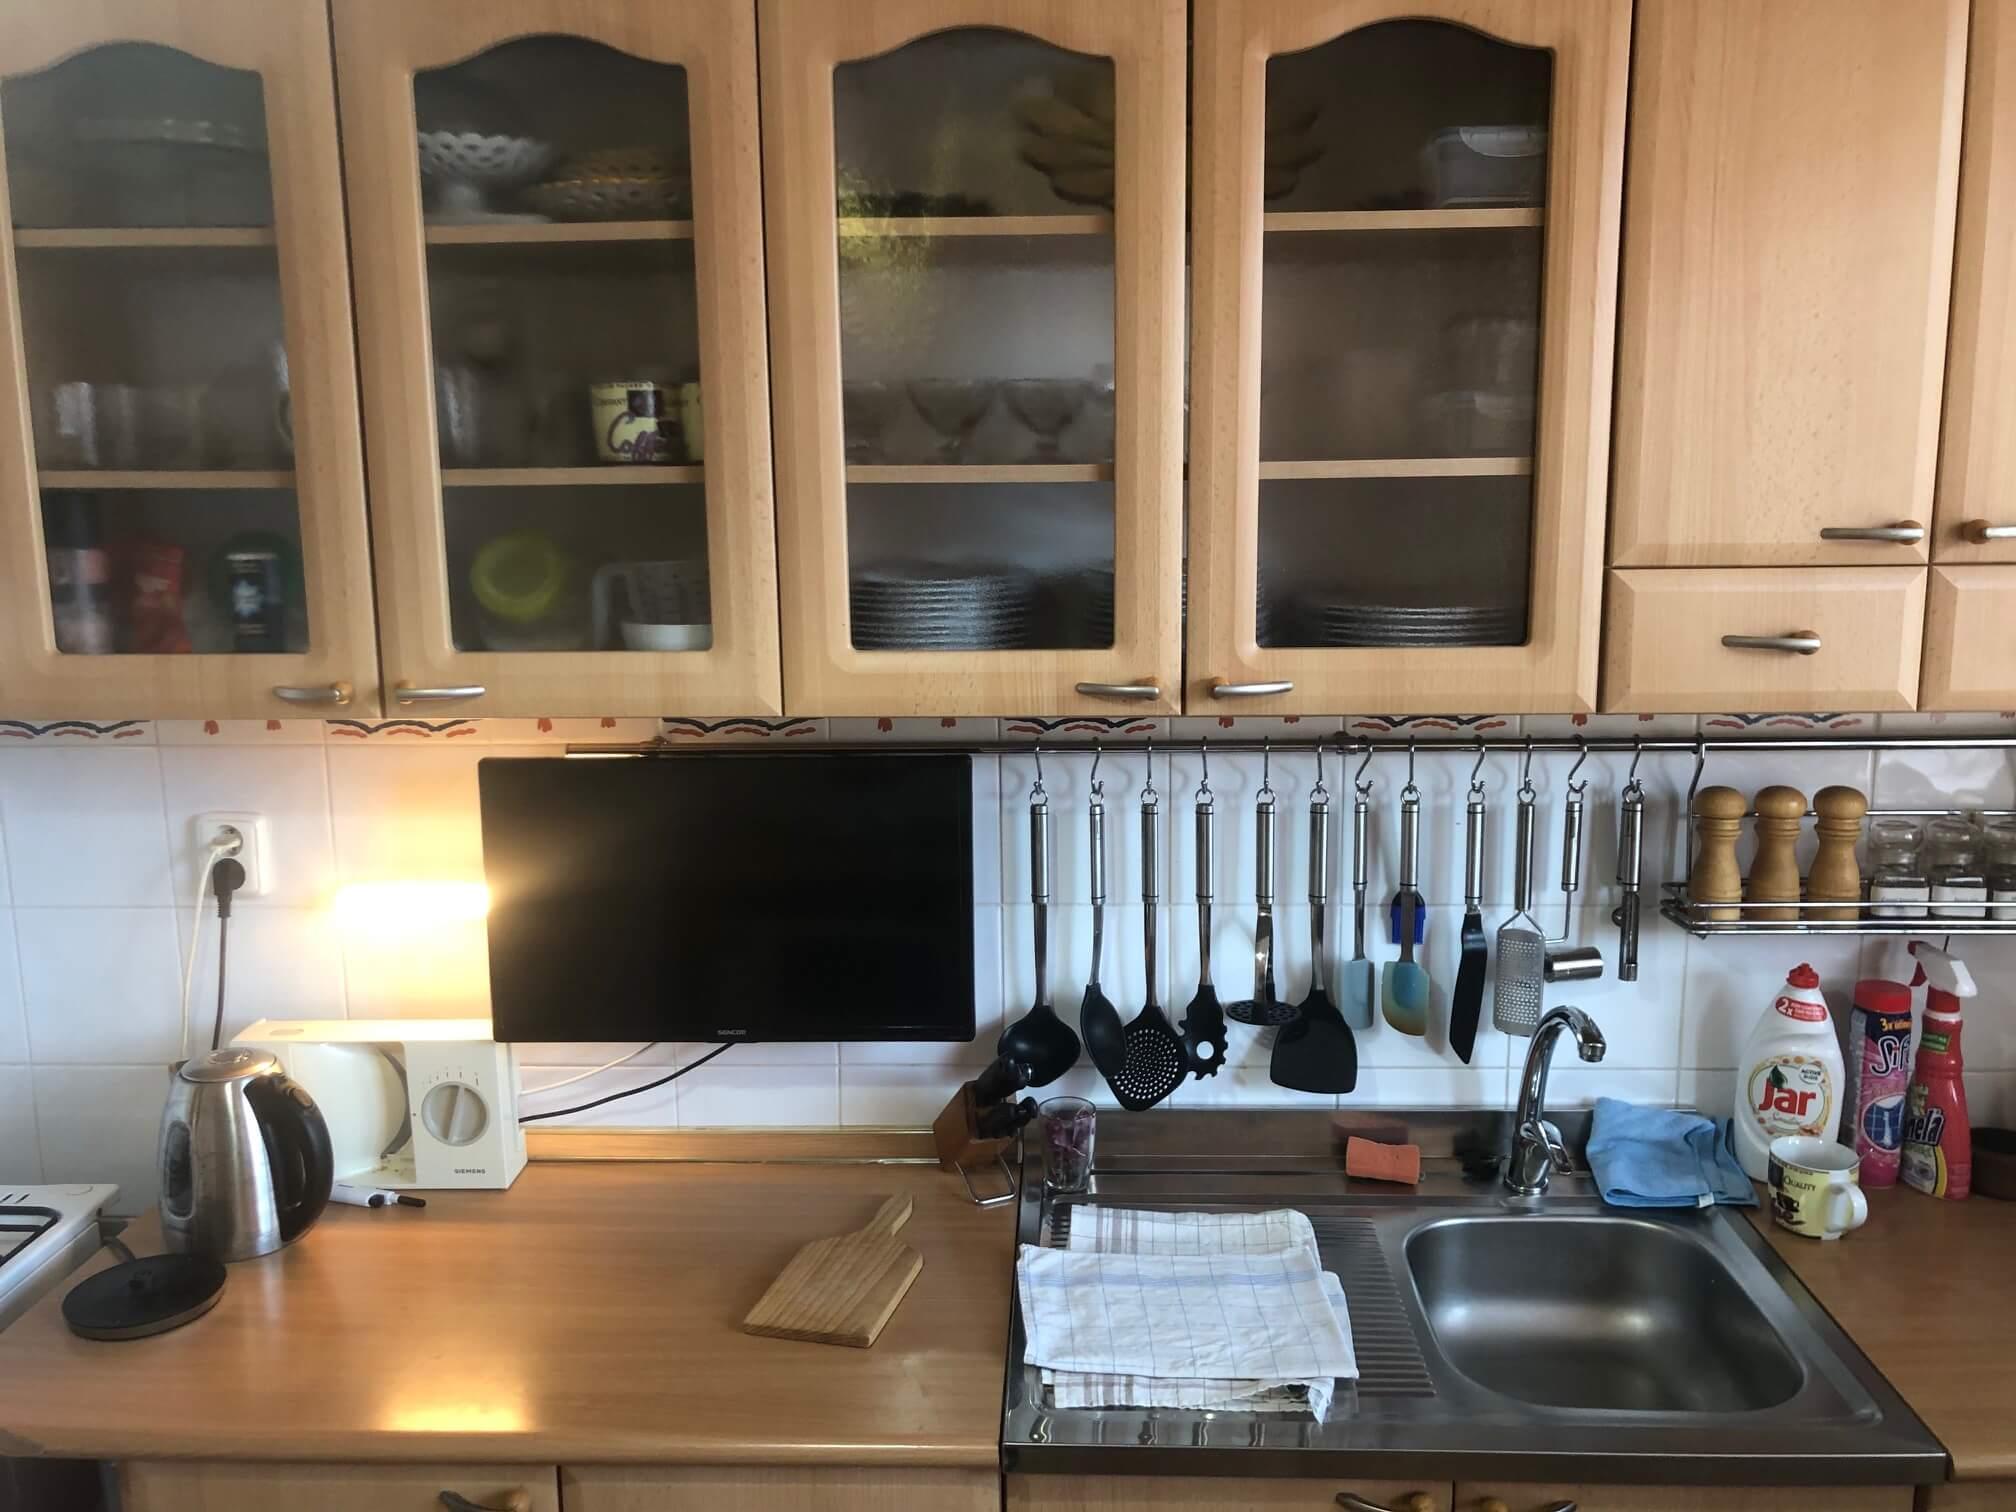 Predané: Exkluzívne na predaj 3 izbový byt, Devínska Nová Ves, Jána Poničana 3, 65m2, balkon 4m2,klimatizácia-33